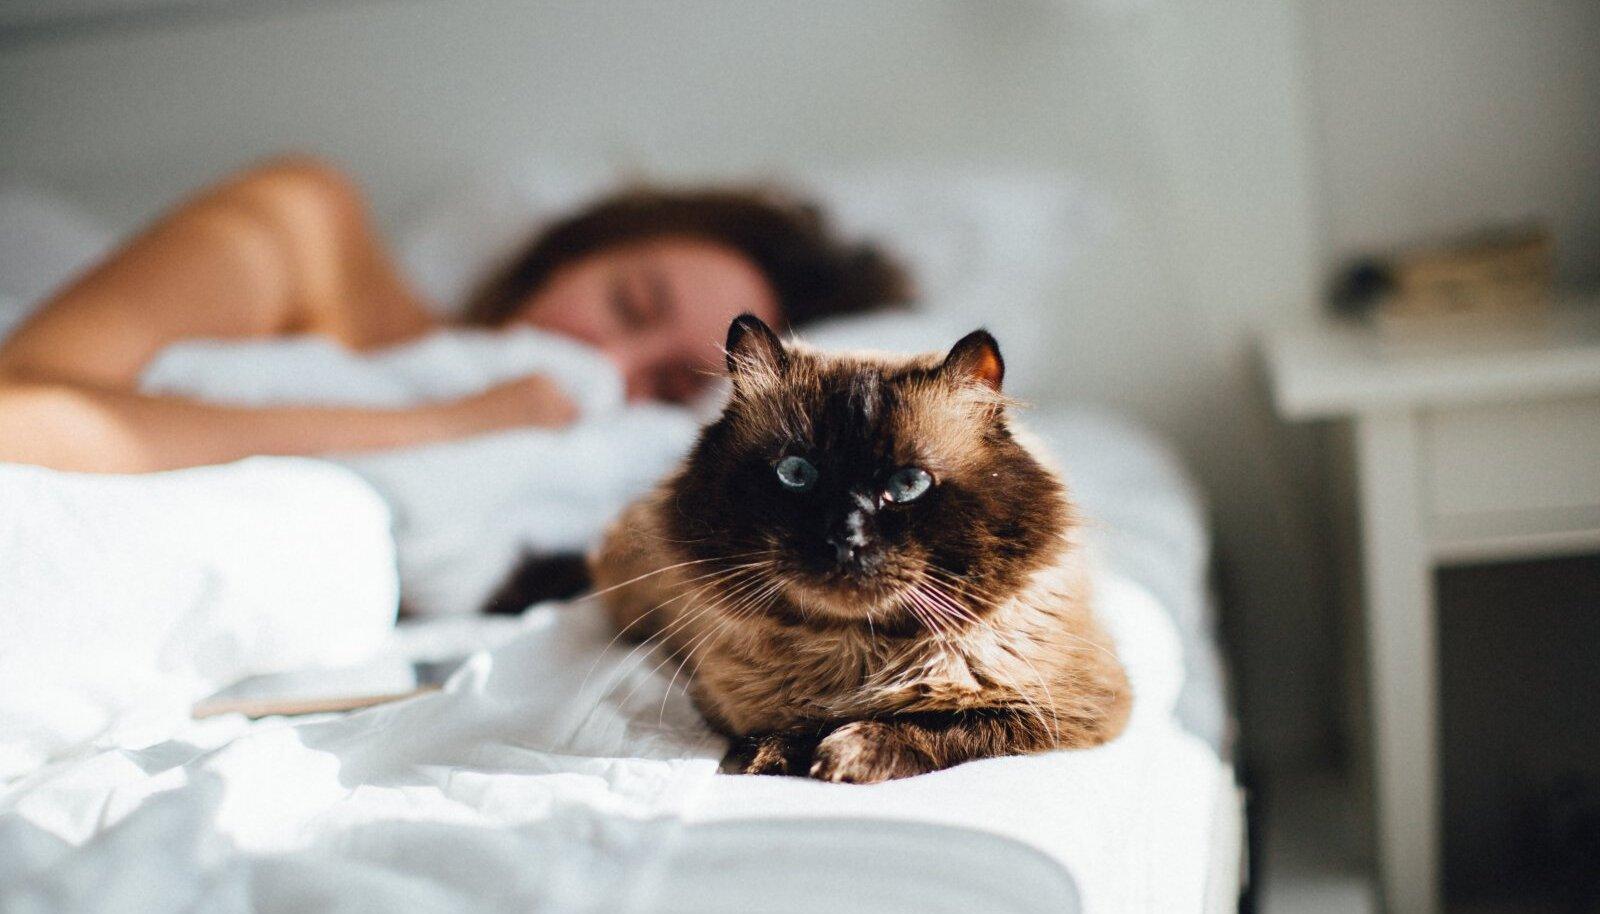 Teki alla ei soovi kass pugeda, sest linad takistavad teda vabalt liikumast